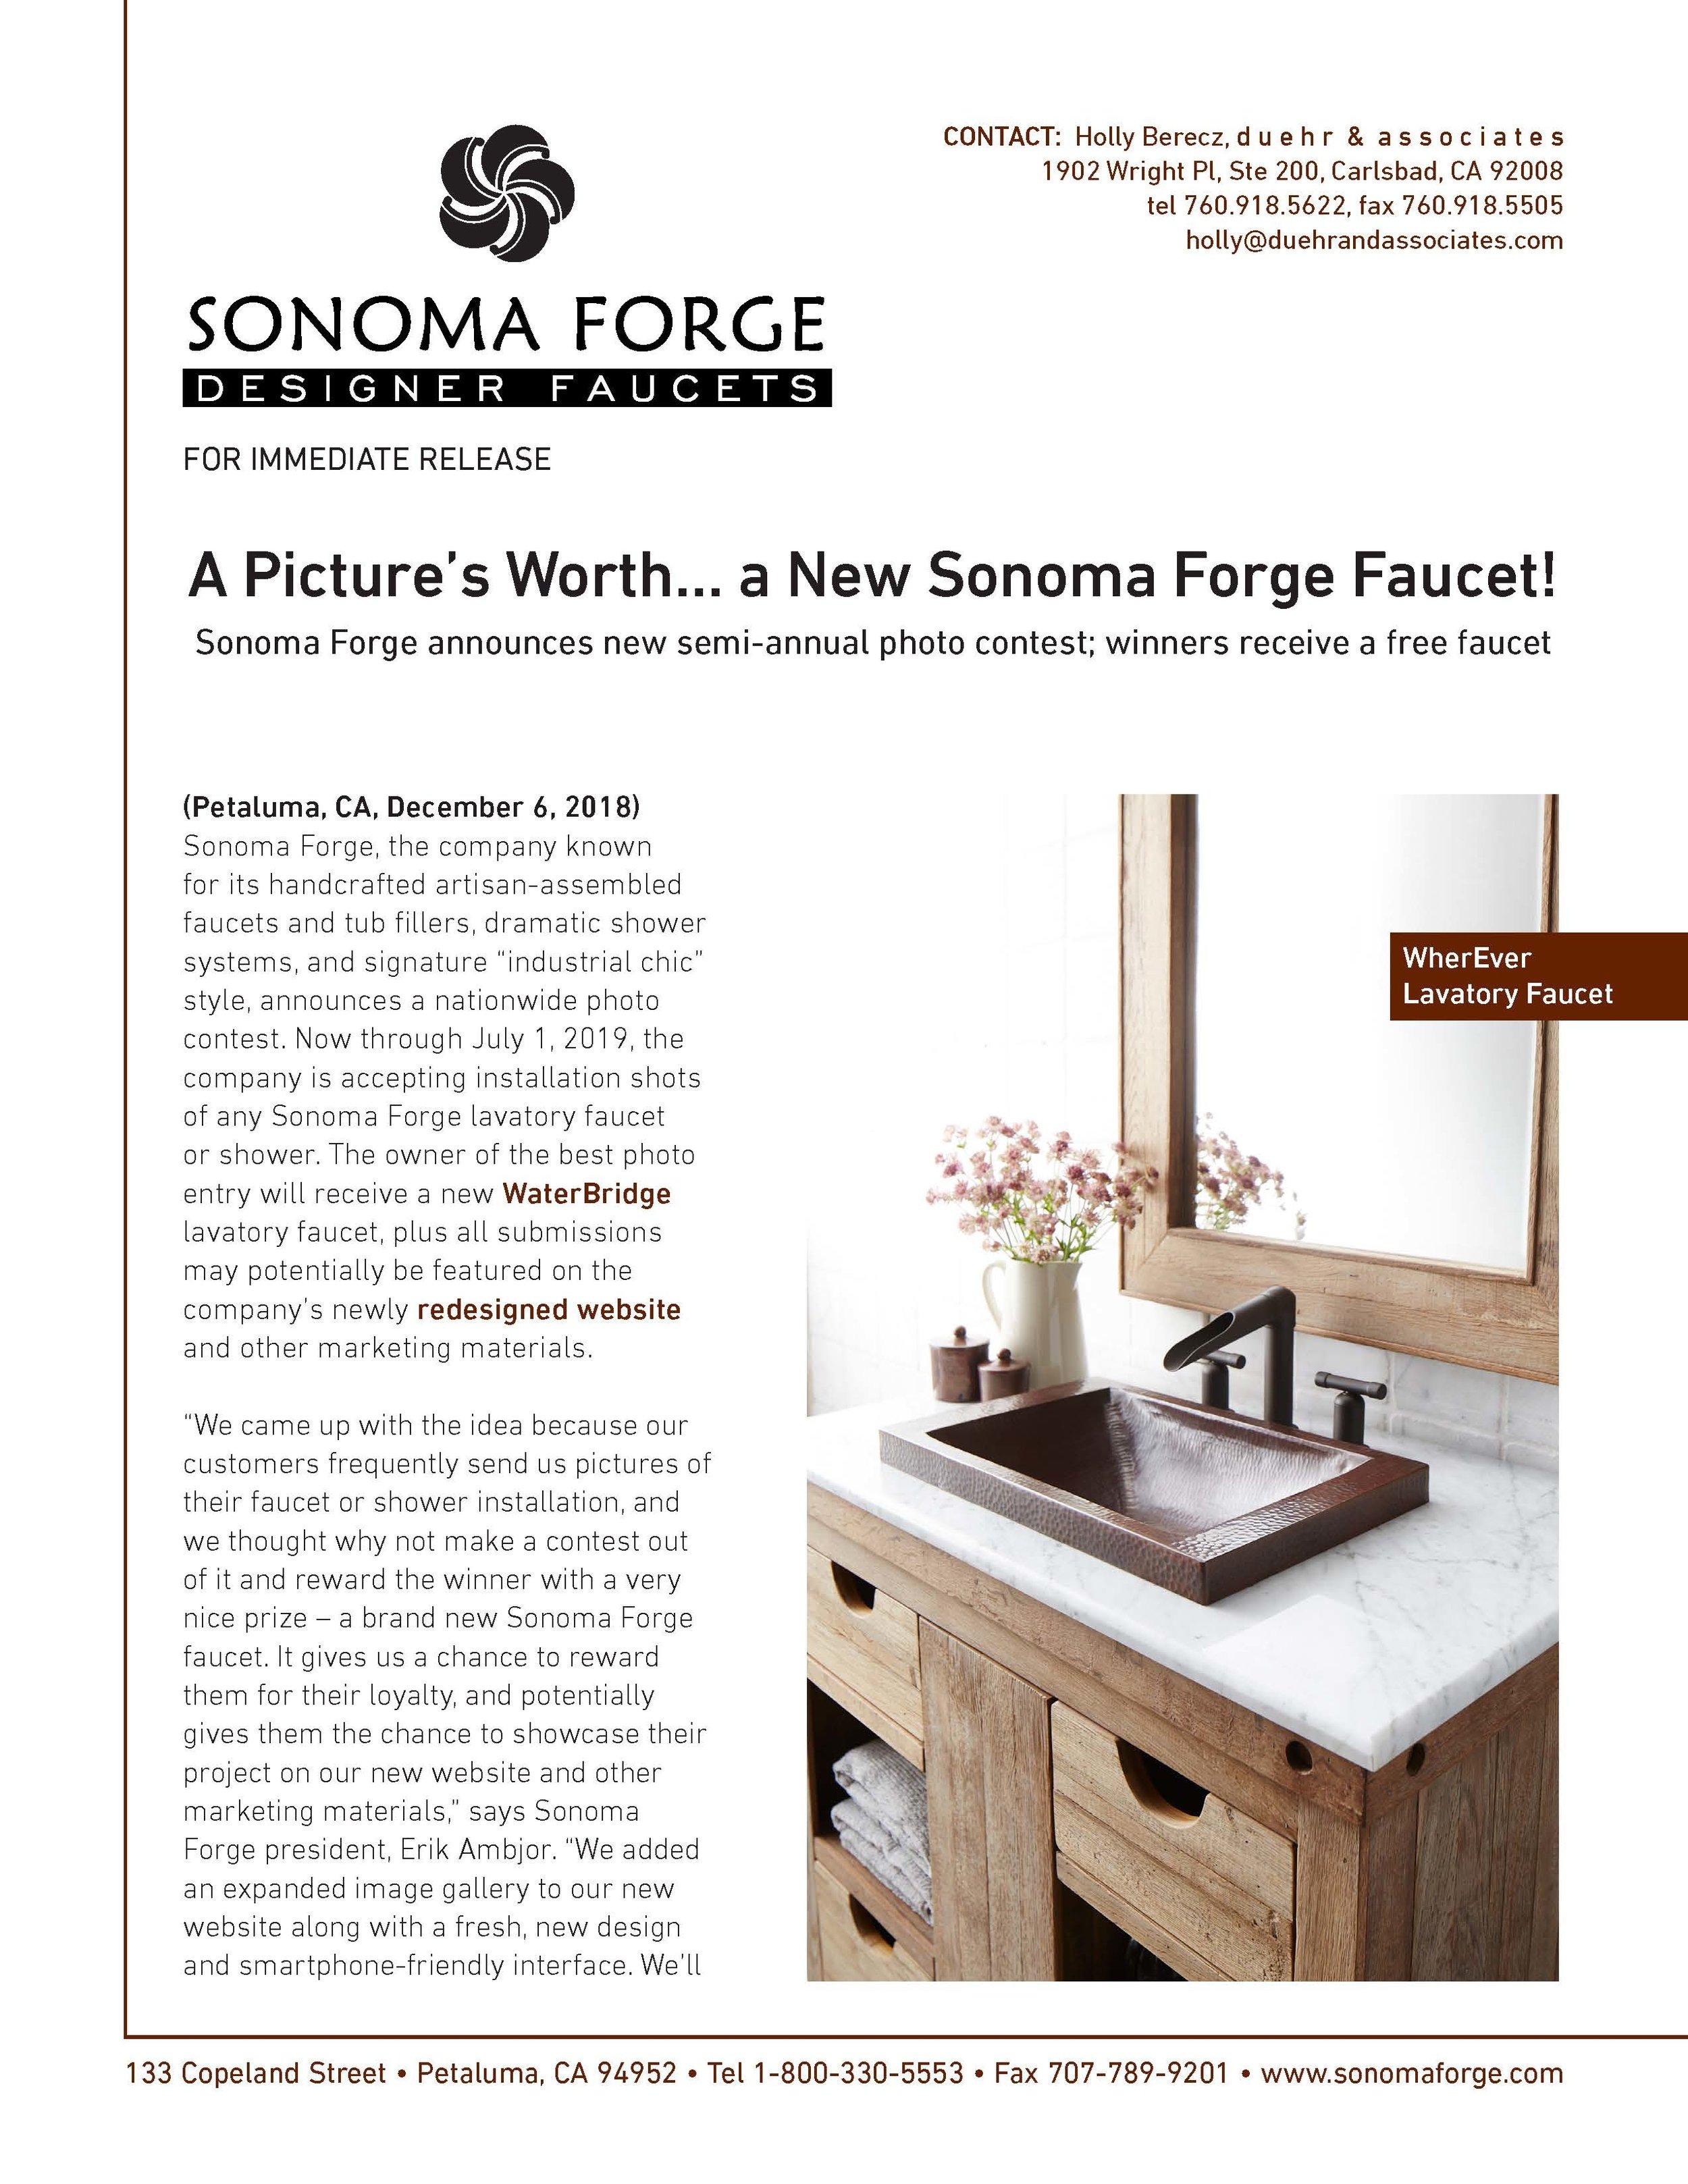 Sonoma Forge Press Release